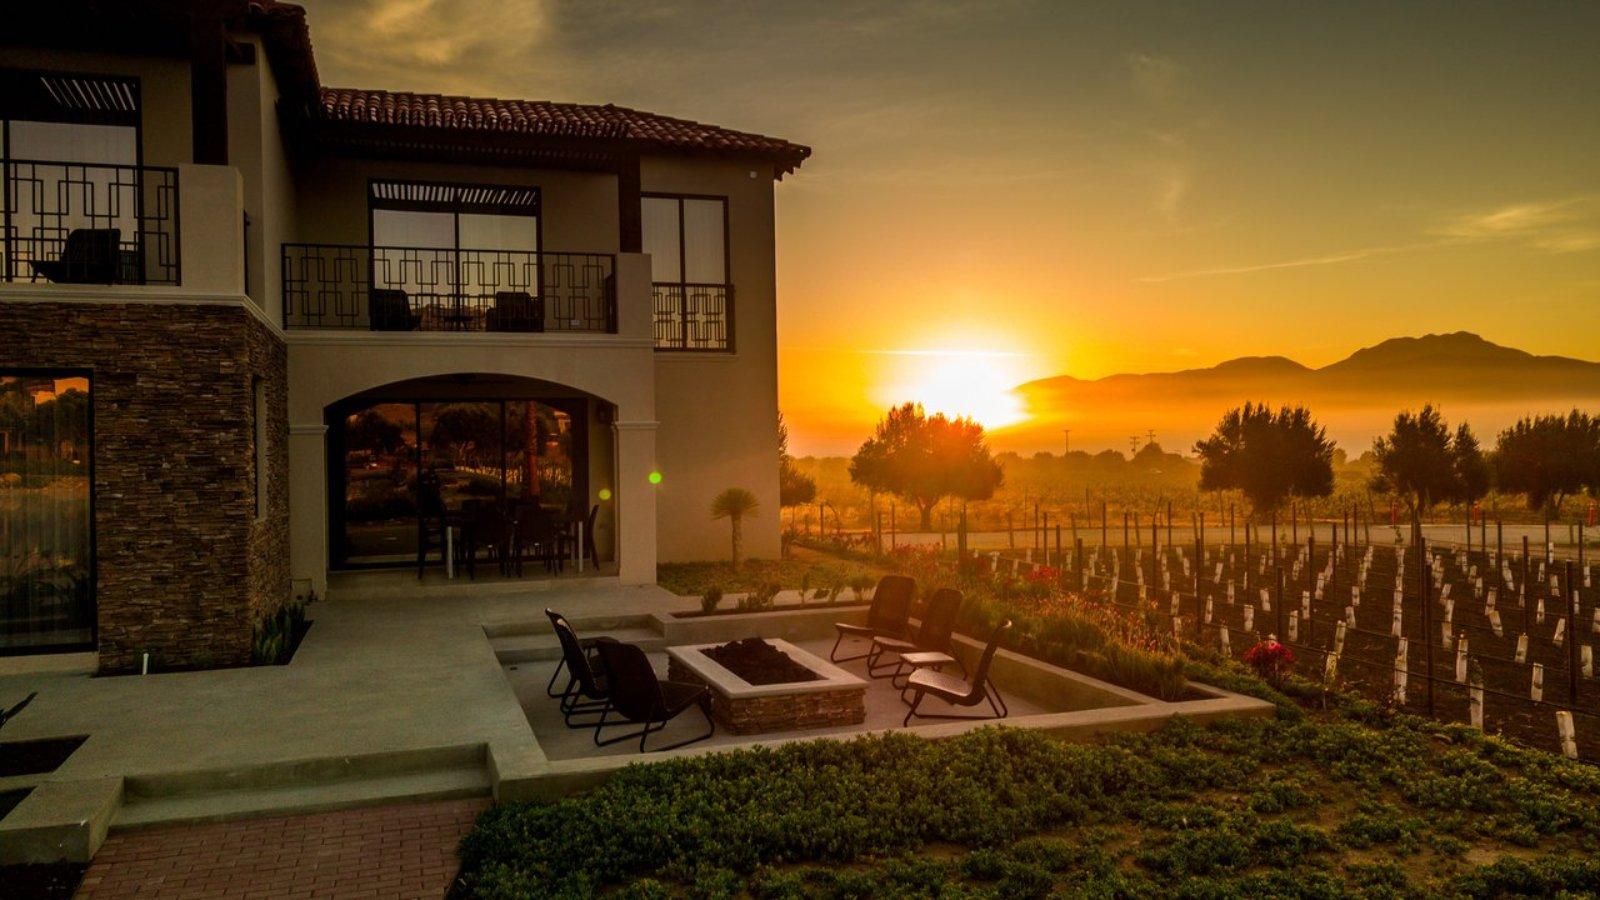 Casa color crema a un lado de viñedo junto a un atardecer naranja. Viñedos del valle de guadalupe